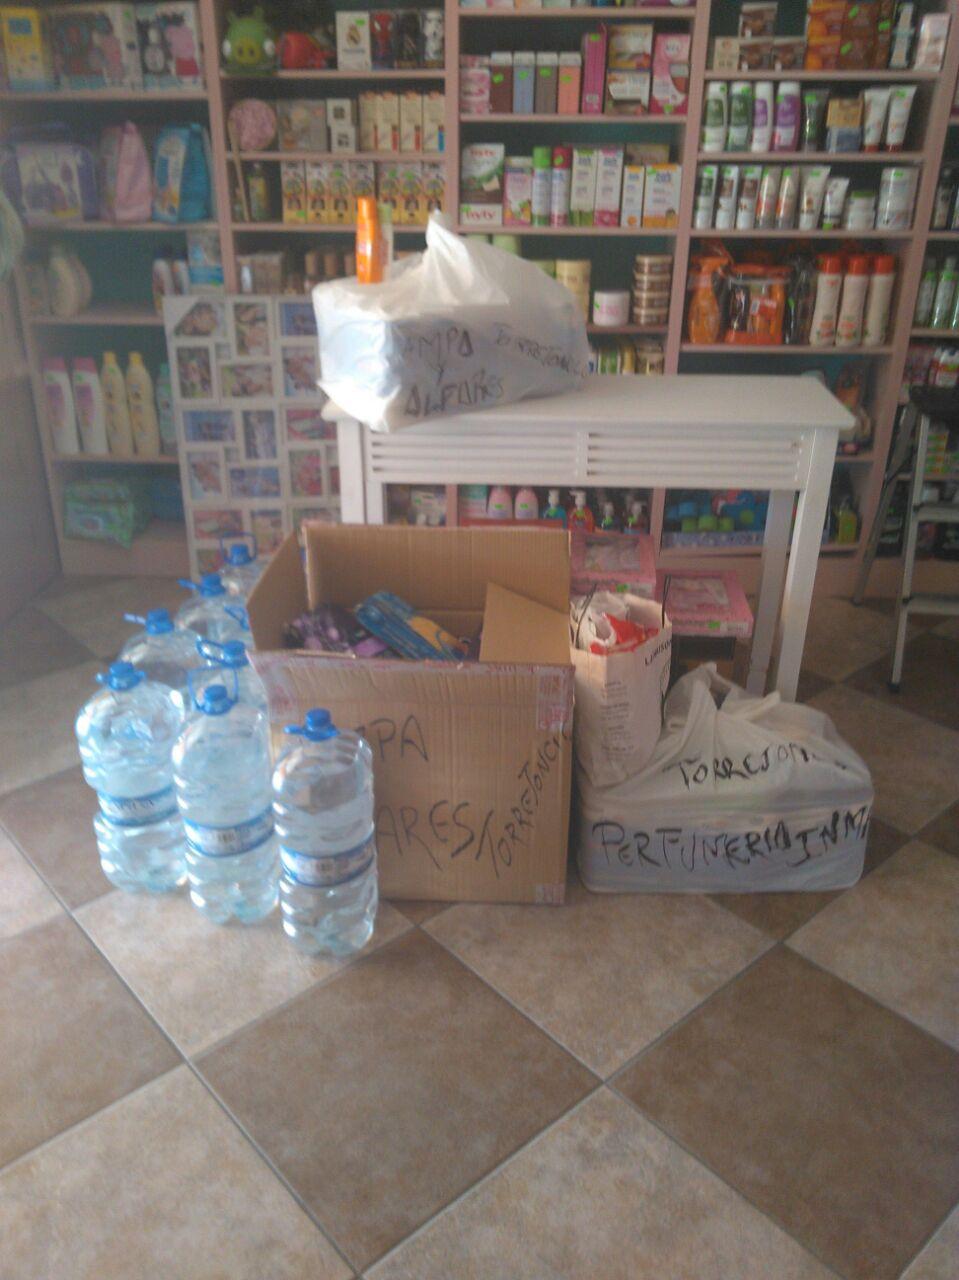 Sierra de Gata necesita nuestra ayuda urgente